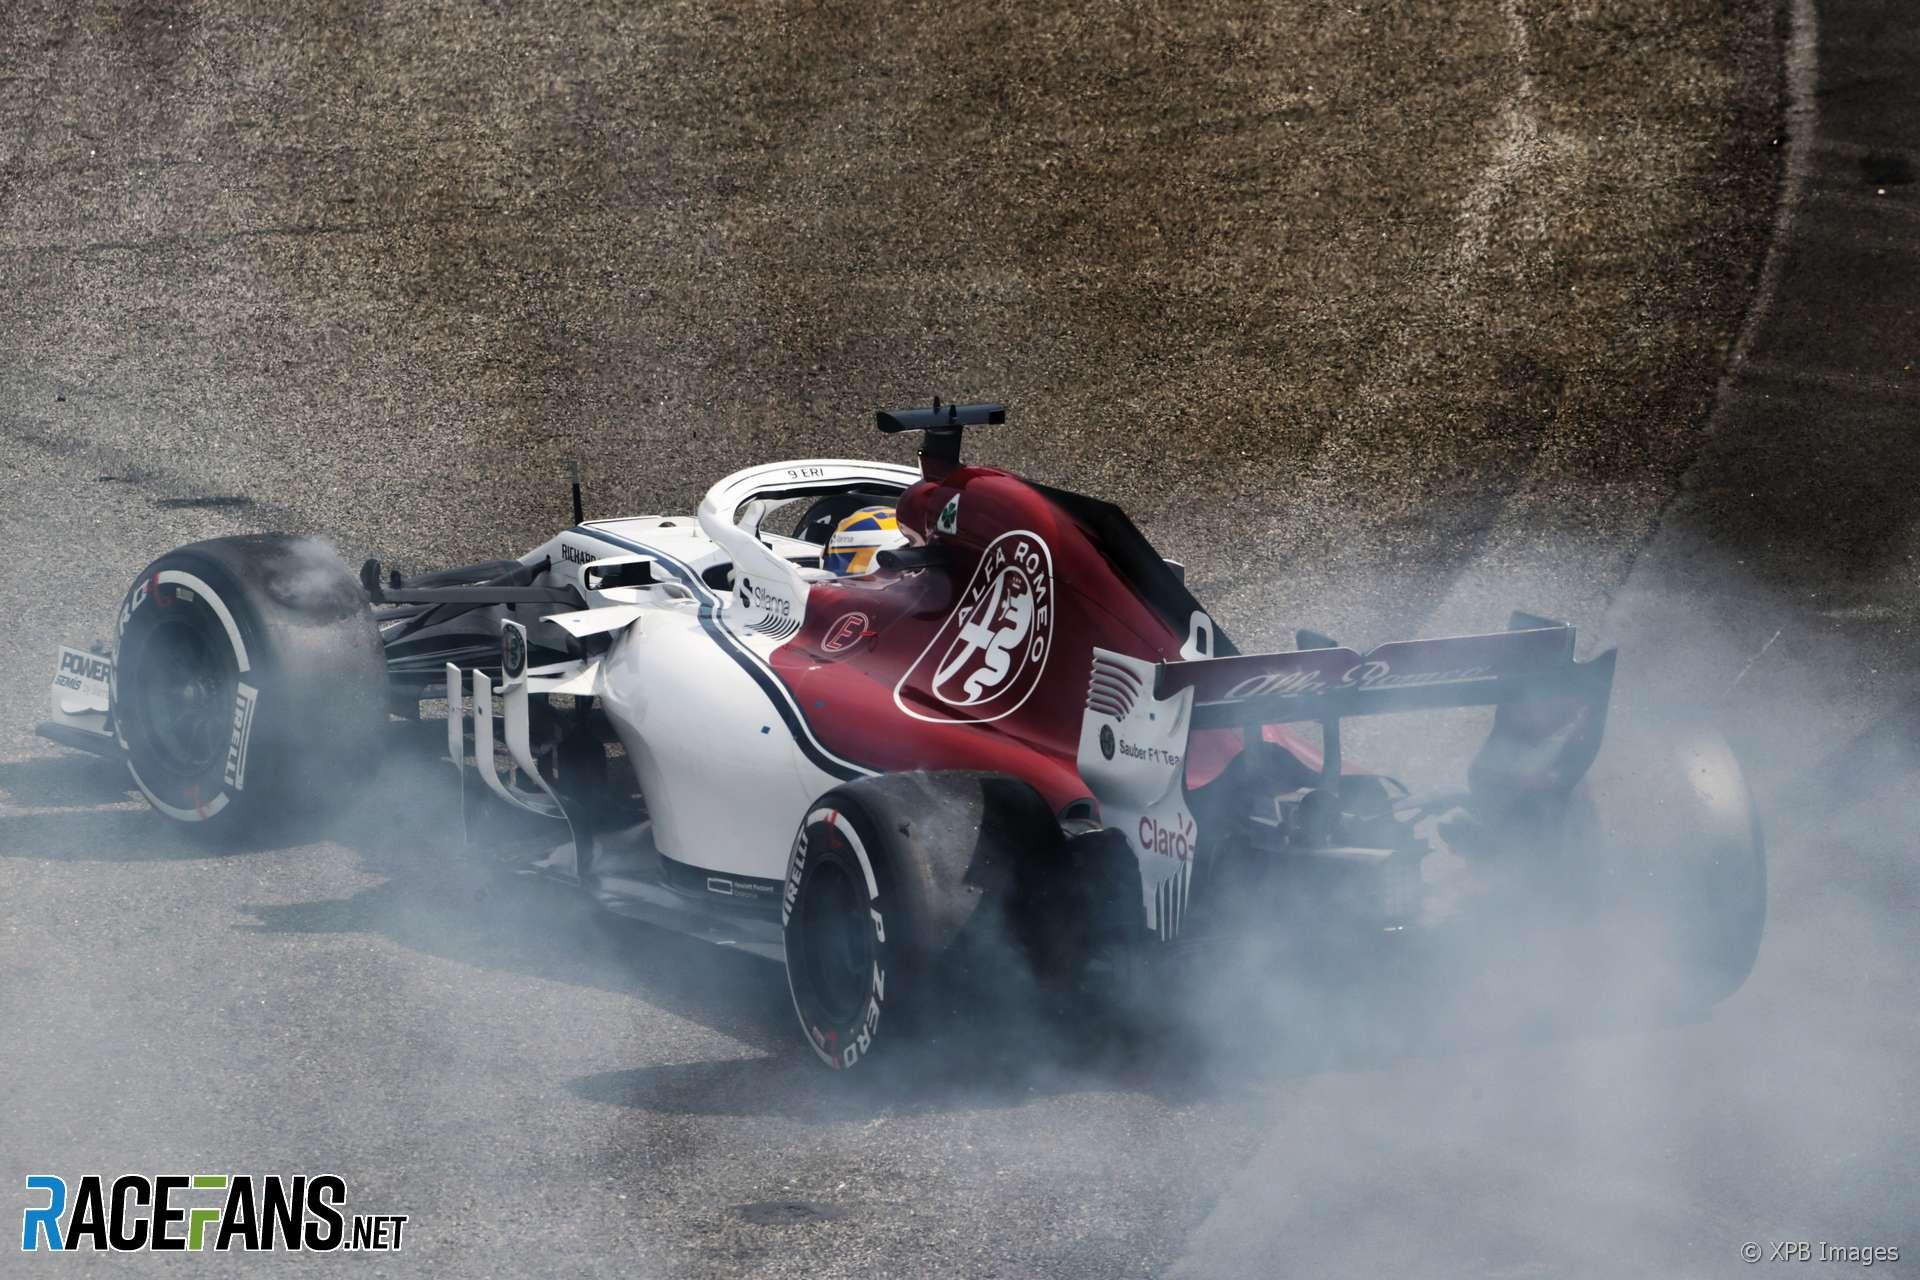 Marcus Ericsson, Sauber, Interlagos, 2018